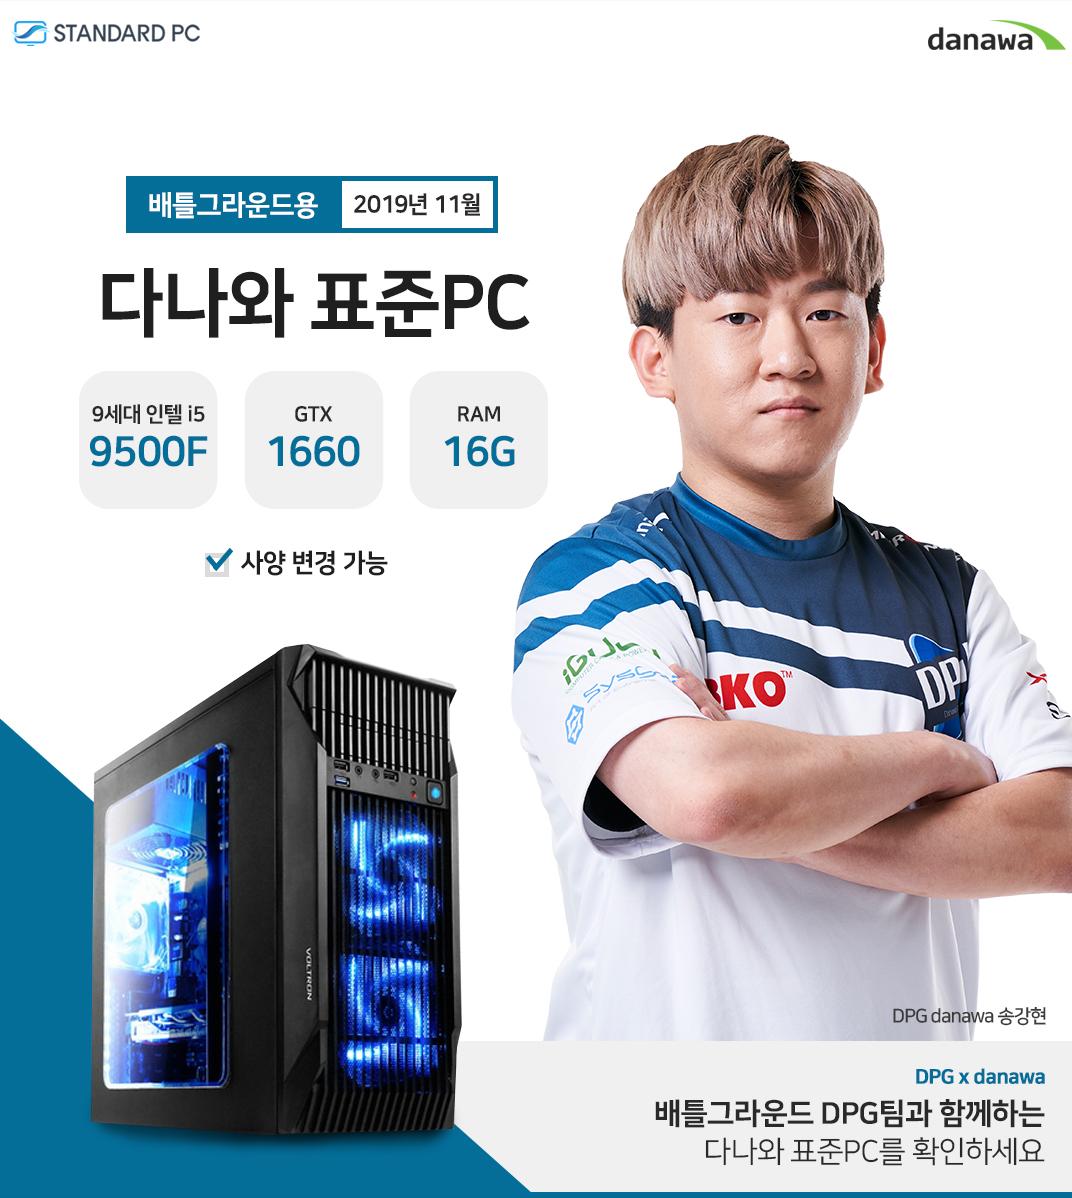 2019년 11월 다나와 표준PC 배틀그라운드용 인텔 코어i5-9세대 9500F GTX1660 RAM 16G